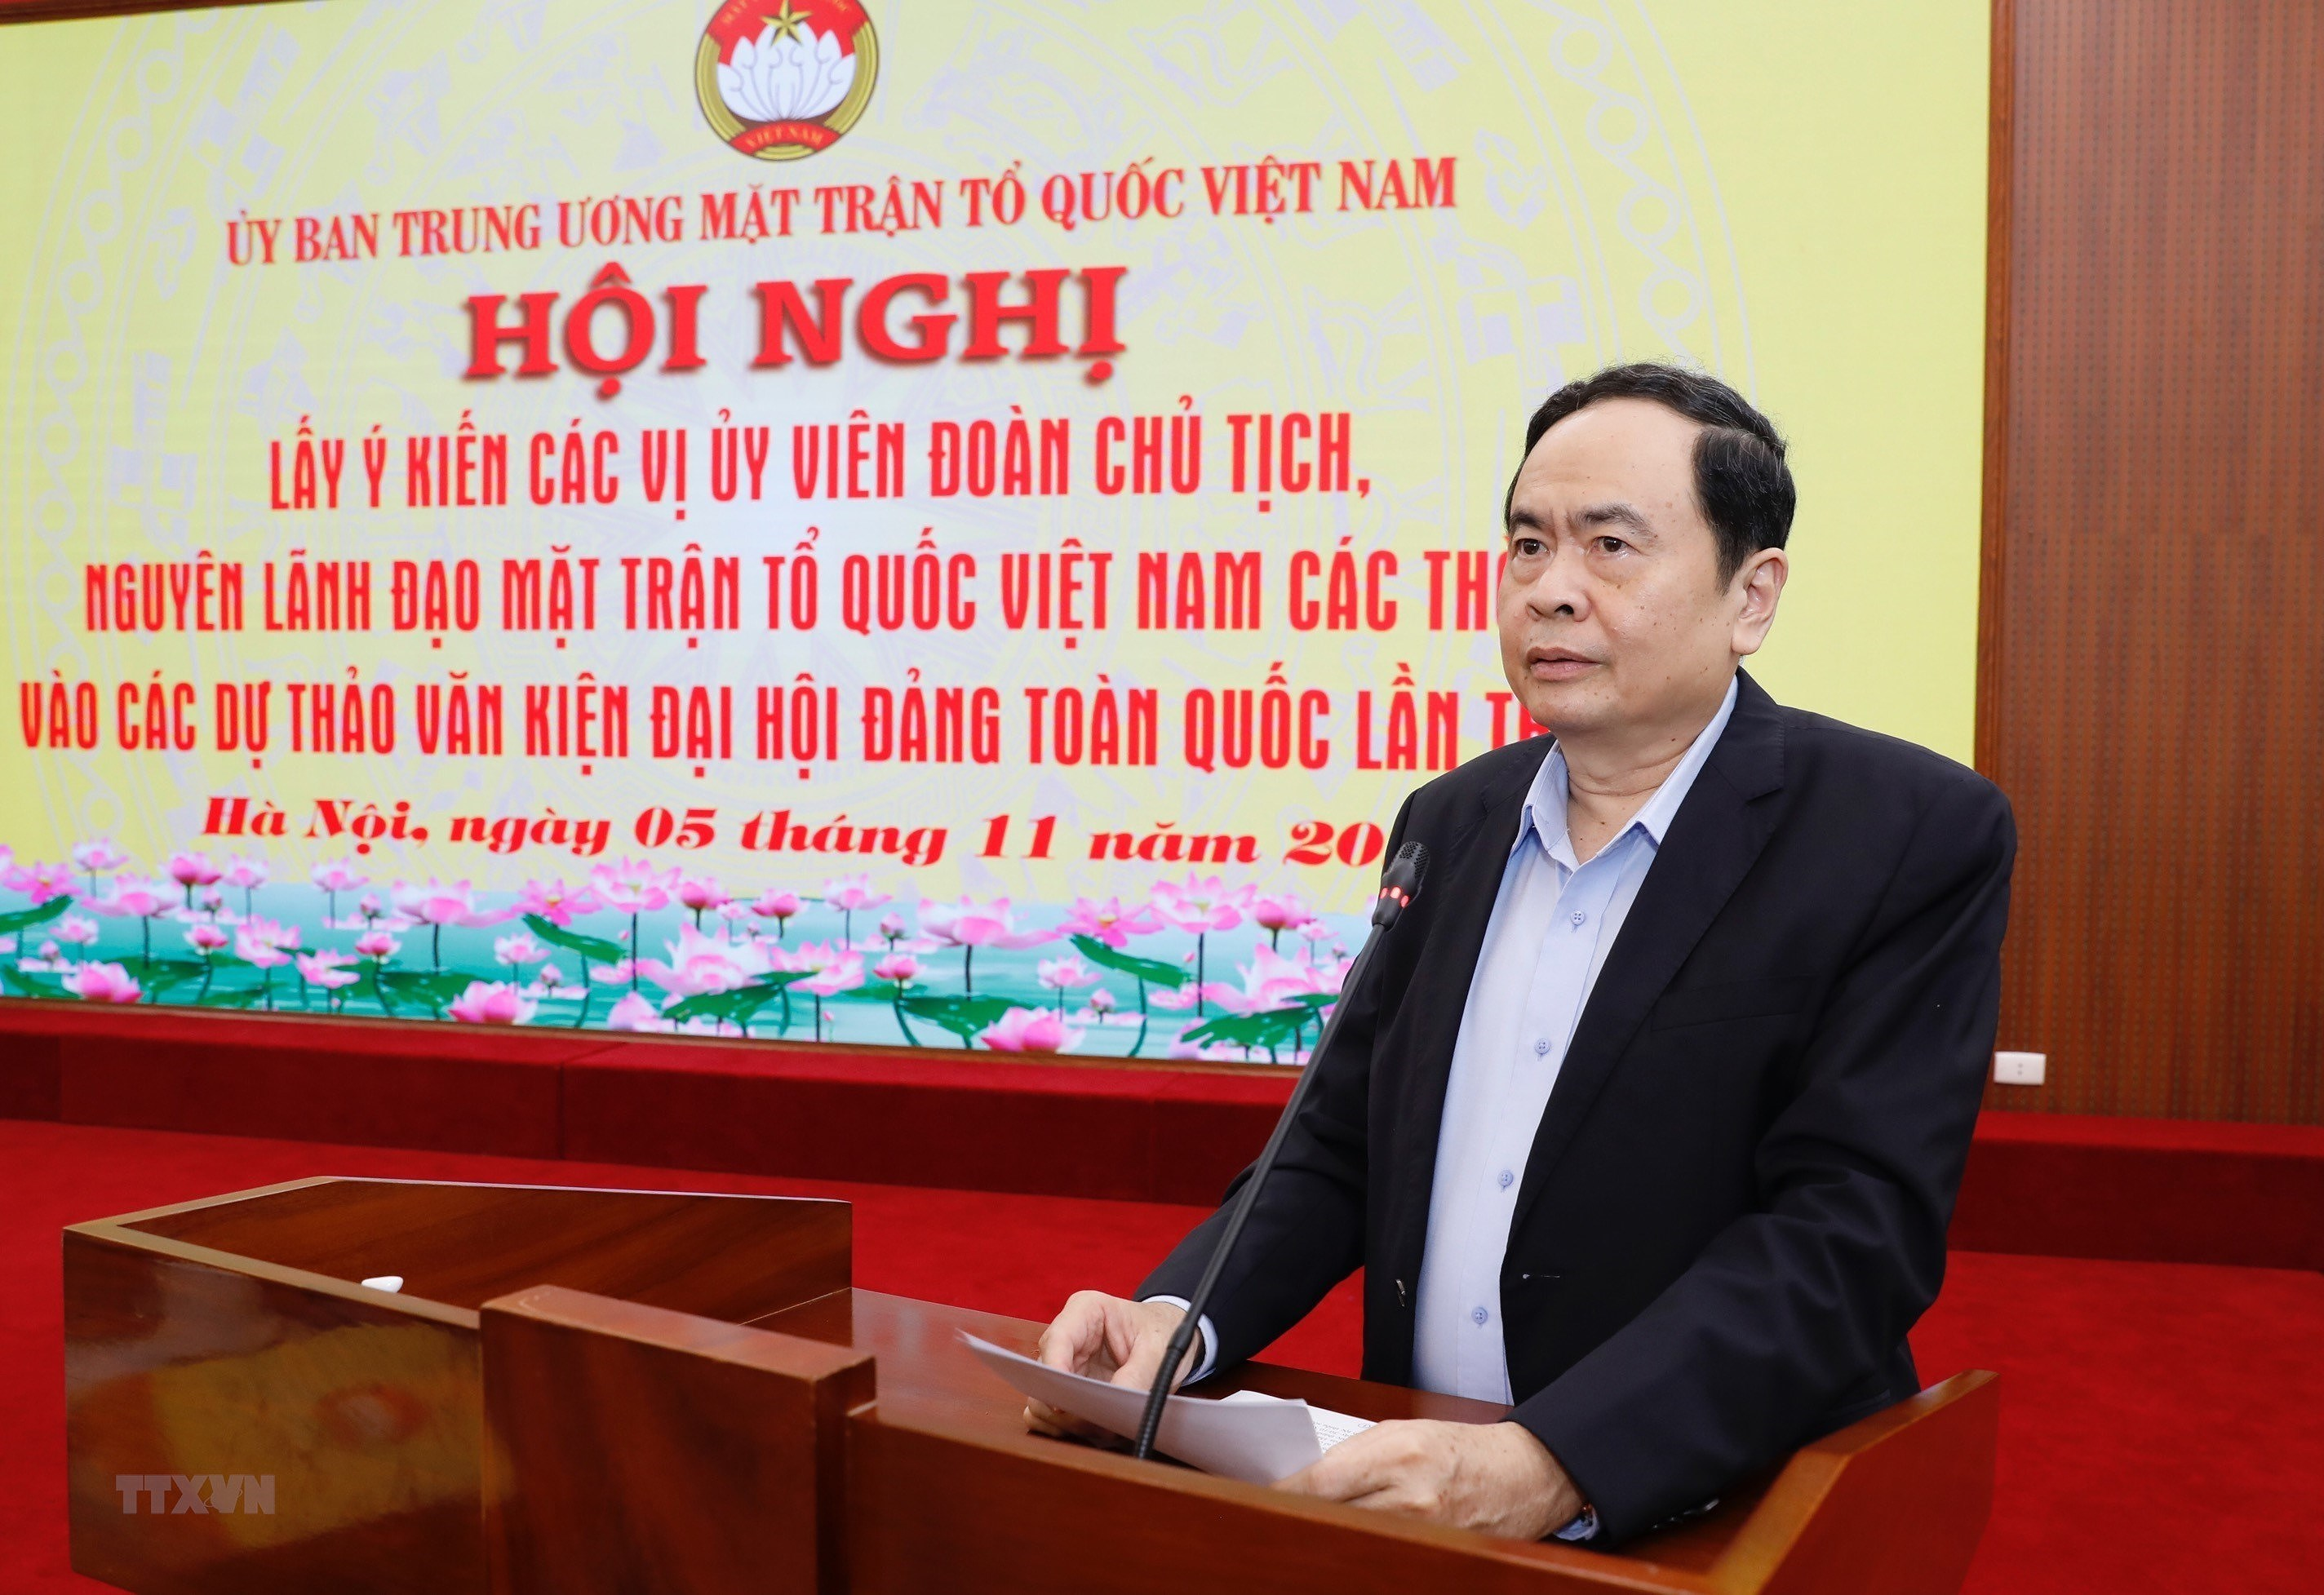 Chong chu nghia quan lieu de gop phan triet tan goc tham nhung hinh anh 1